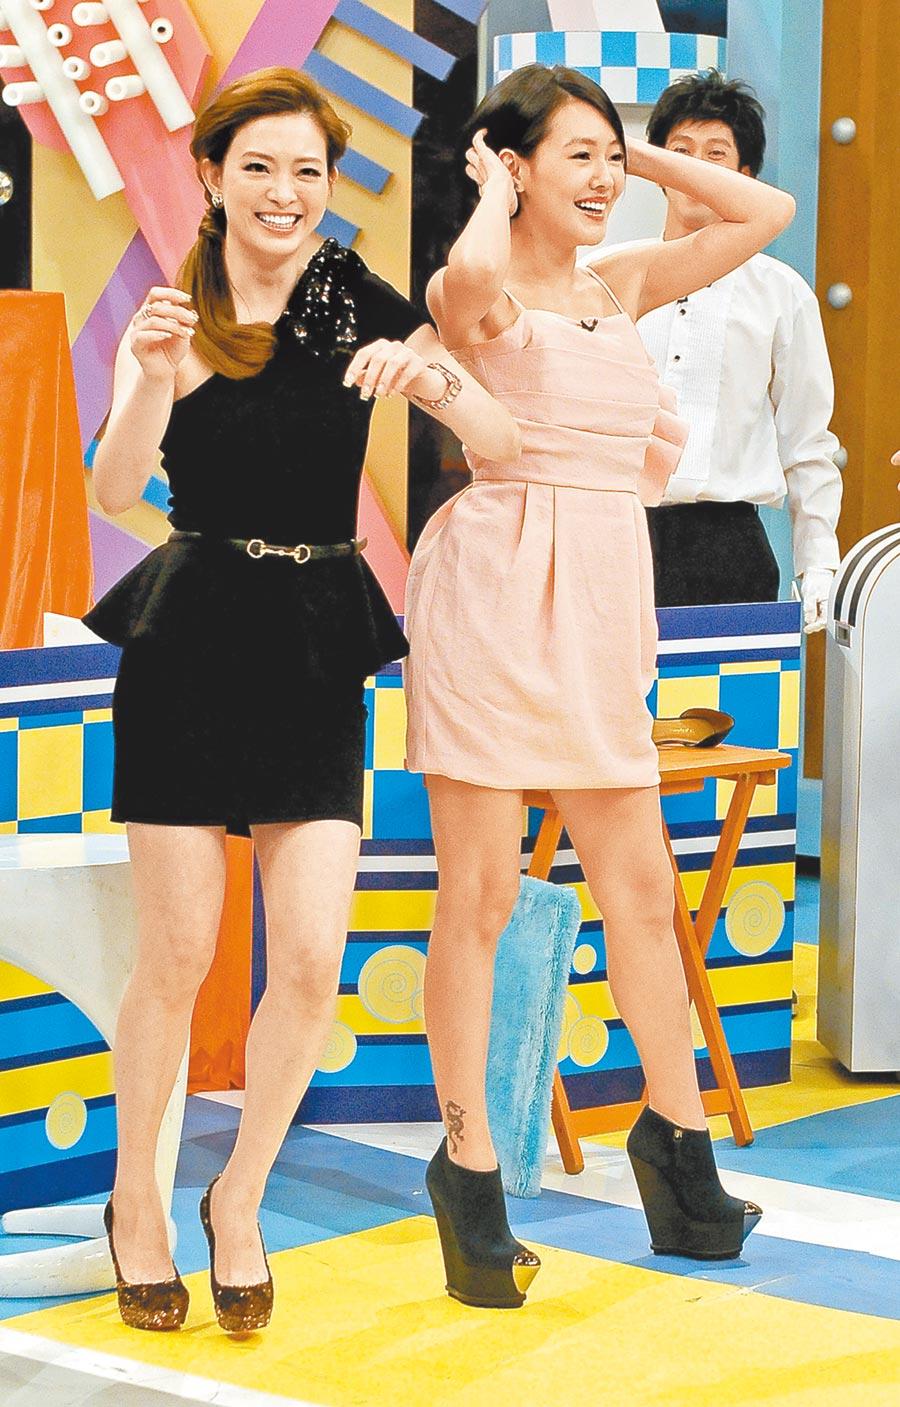 劉真(左)曾和小S在《康熙來了》搞笑比美。(資料照片)